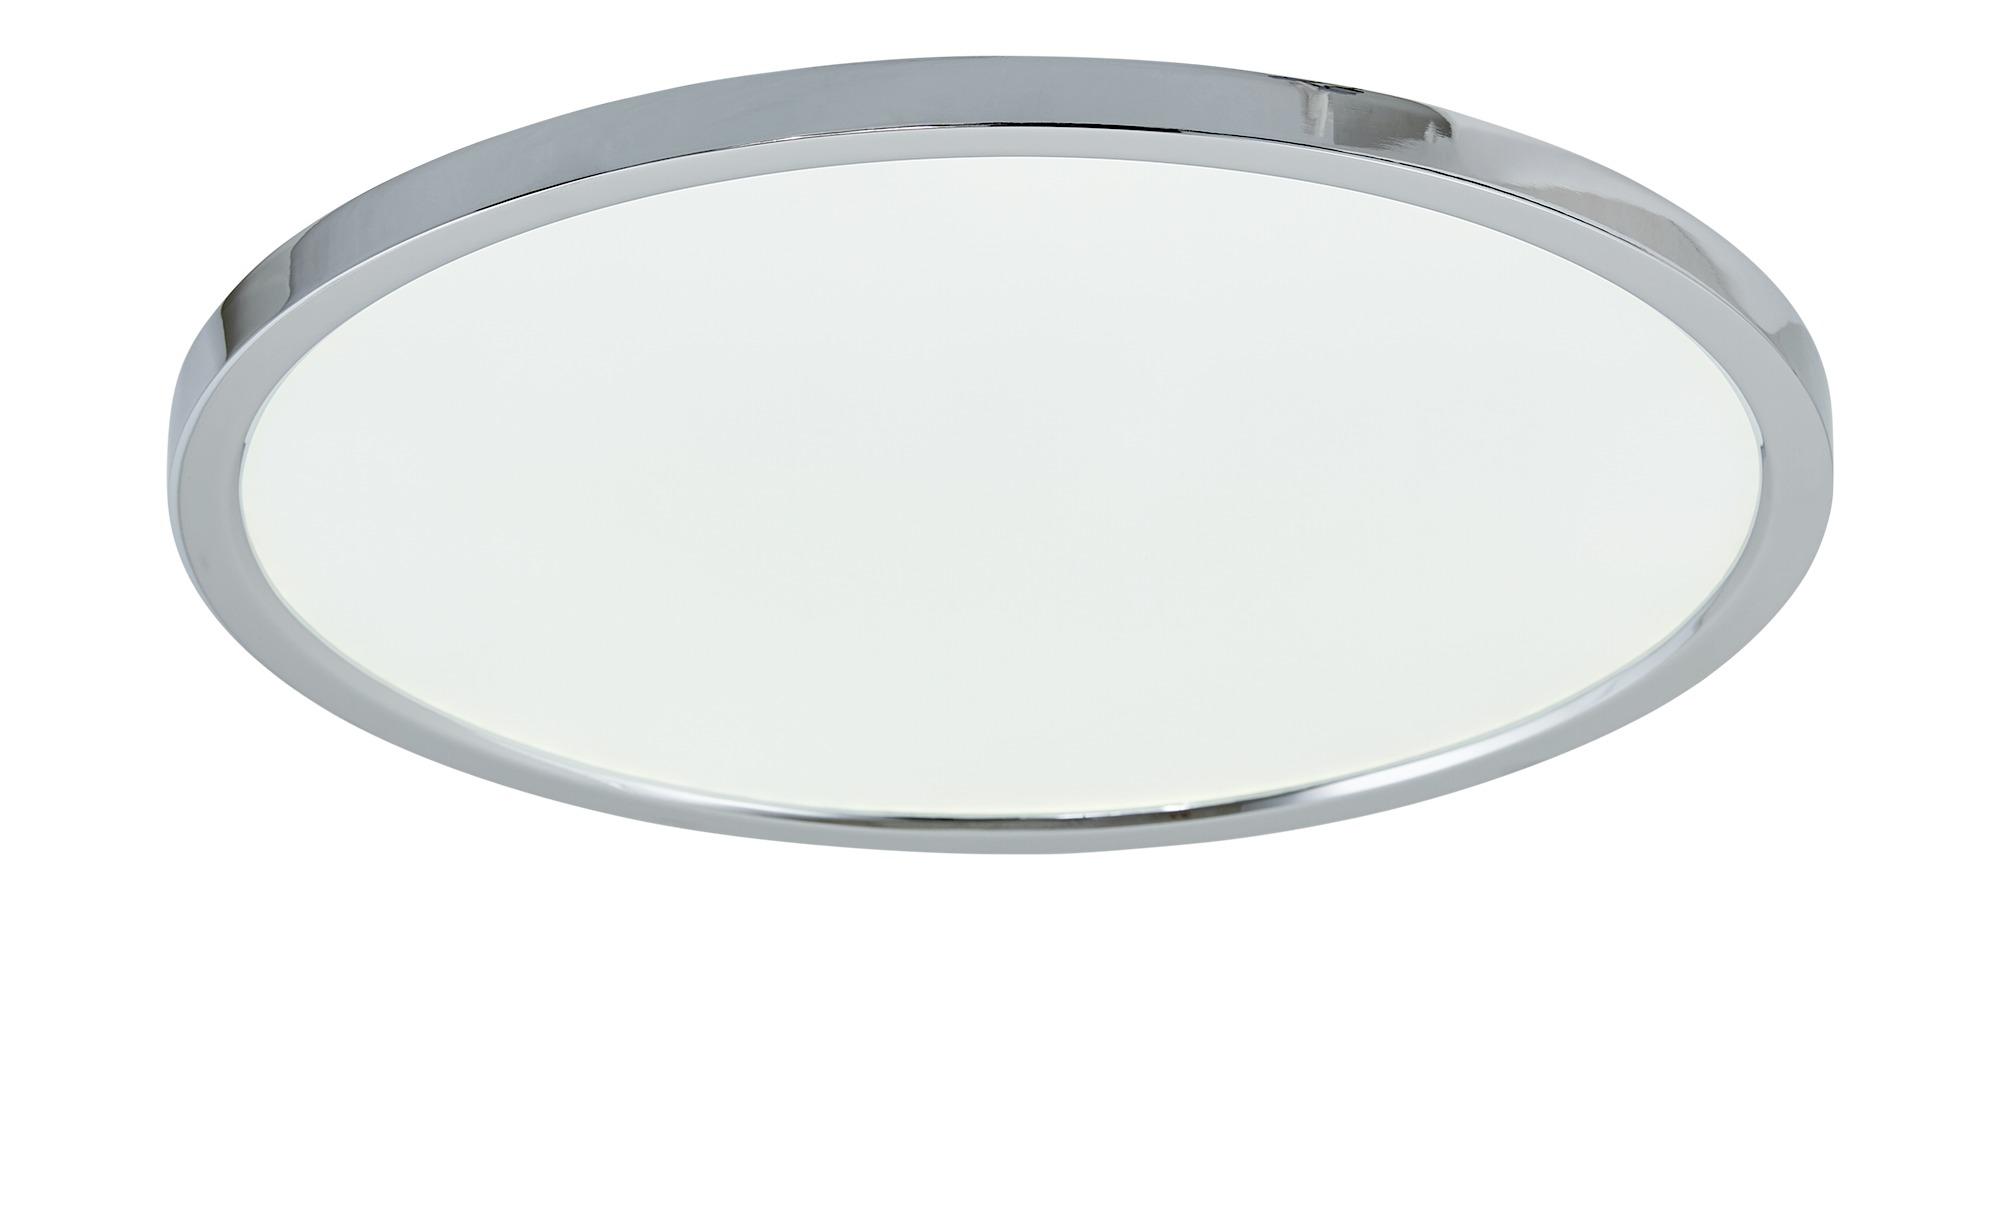 Paul Neuhaus LED-Deckenleuchte, rund IP44 ¦ silber ¦ Maße (cm): H: 5,6 Ø: [45.0] Lampen & Leuchten > Innenleuchten > Deckenleuchten - Höffner